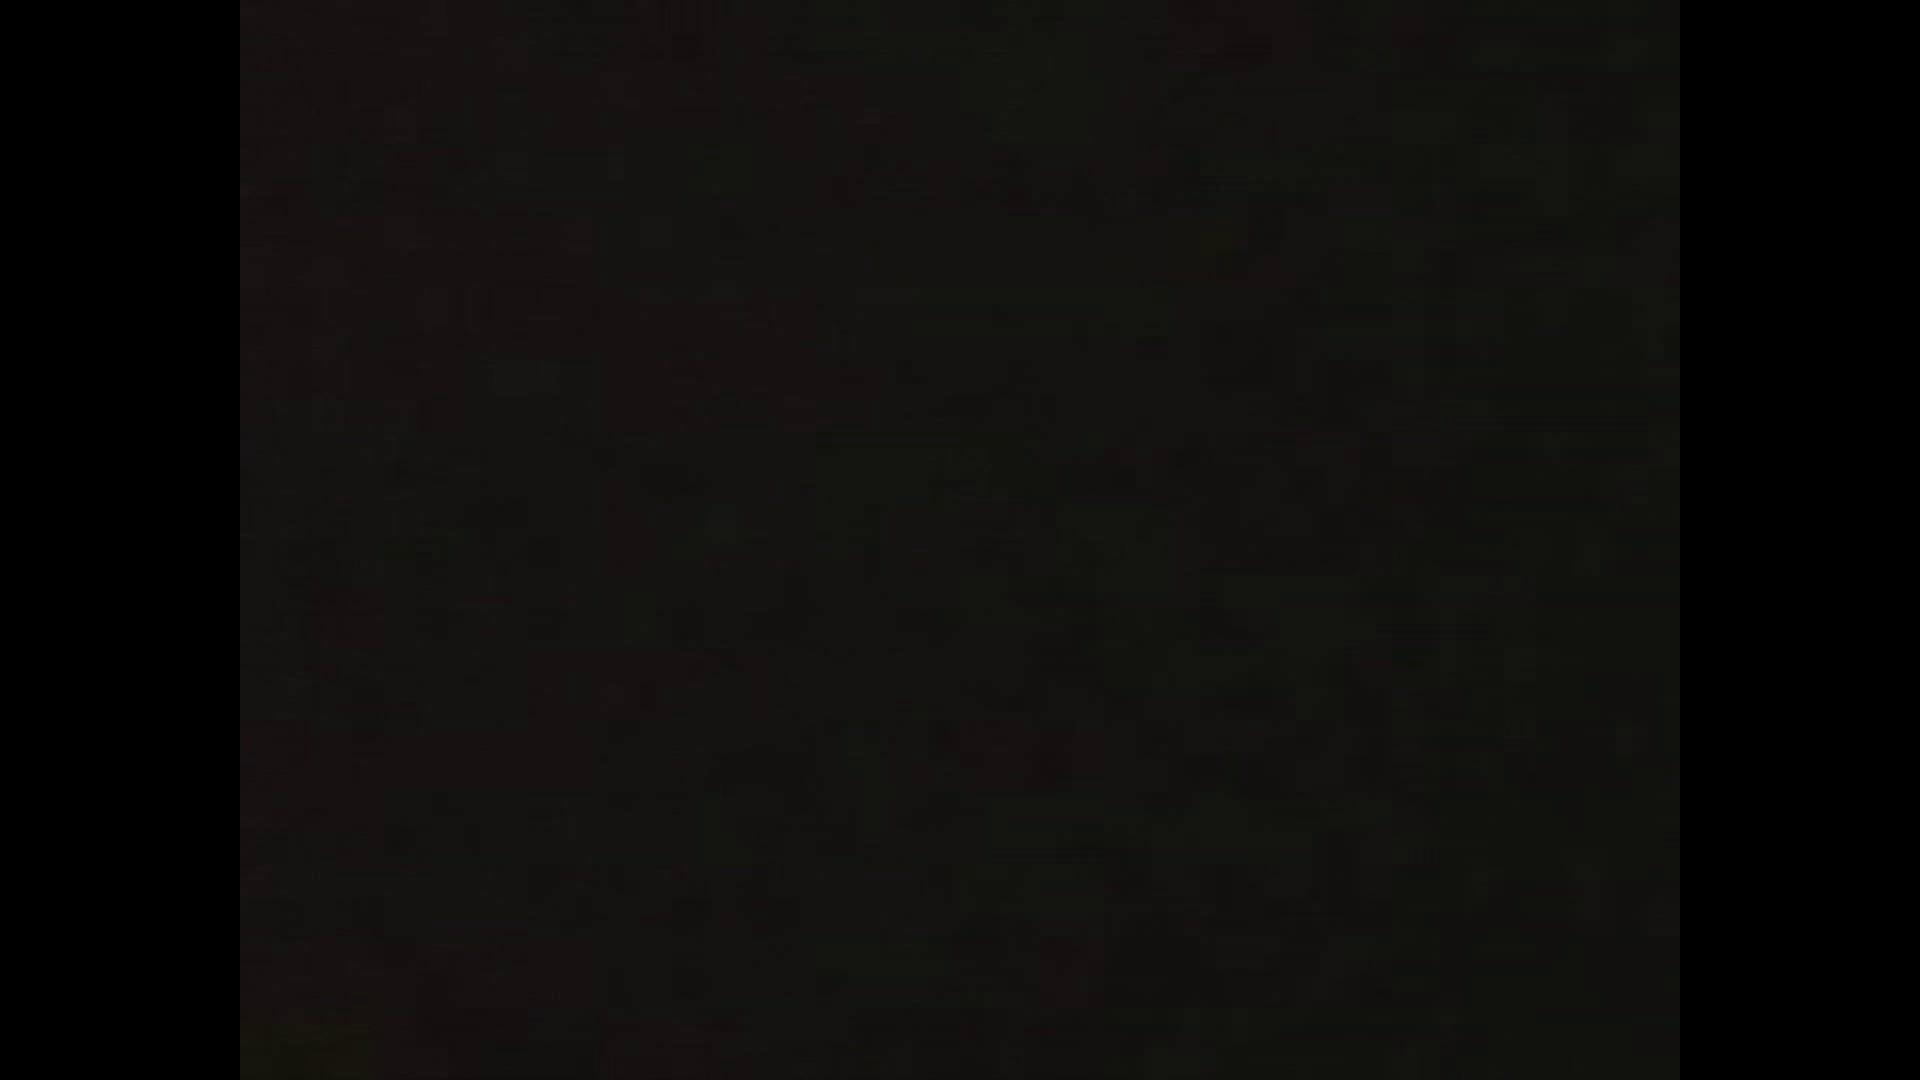 ノンケイケメンの欲望と肉棒 Vol.20 ノンケボーイズ | イケメンのsex  108pic 62